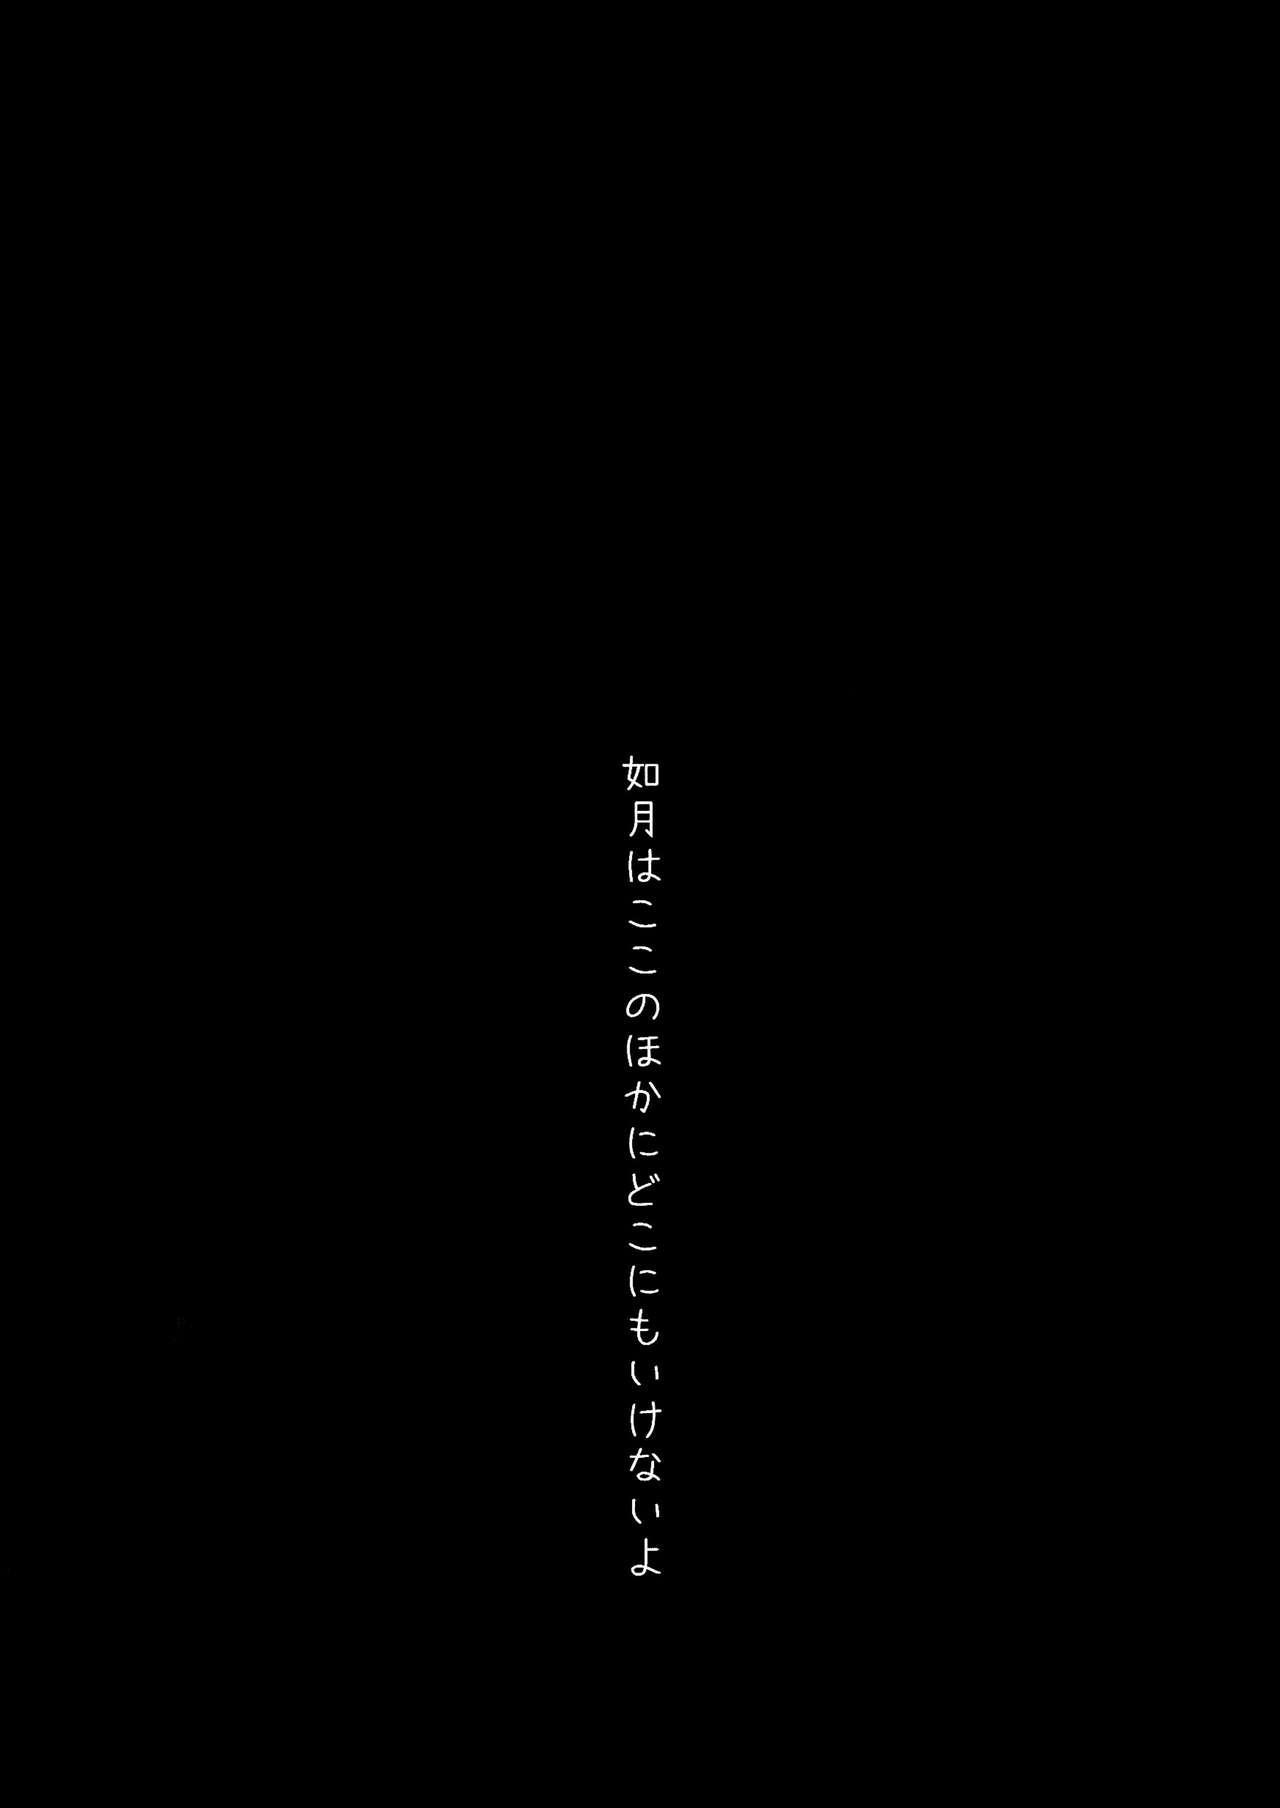 [PiyoPit (Piyodera Mucha)] Hinin Shippai -Kawaisou na Kisaragi-chan- (Azur Lane) [2018-08-26] 21